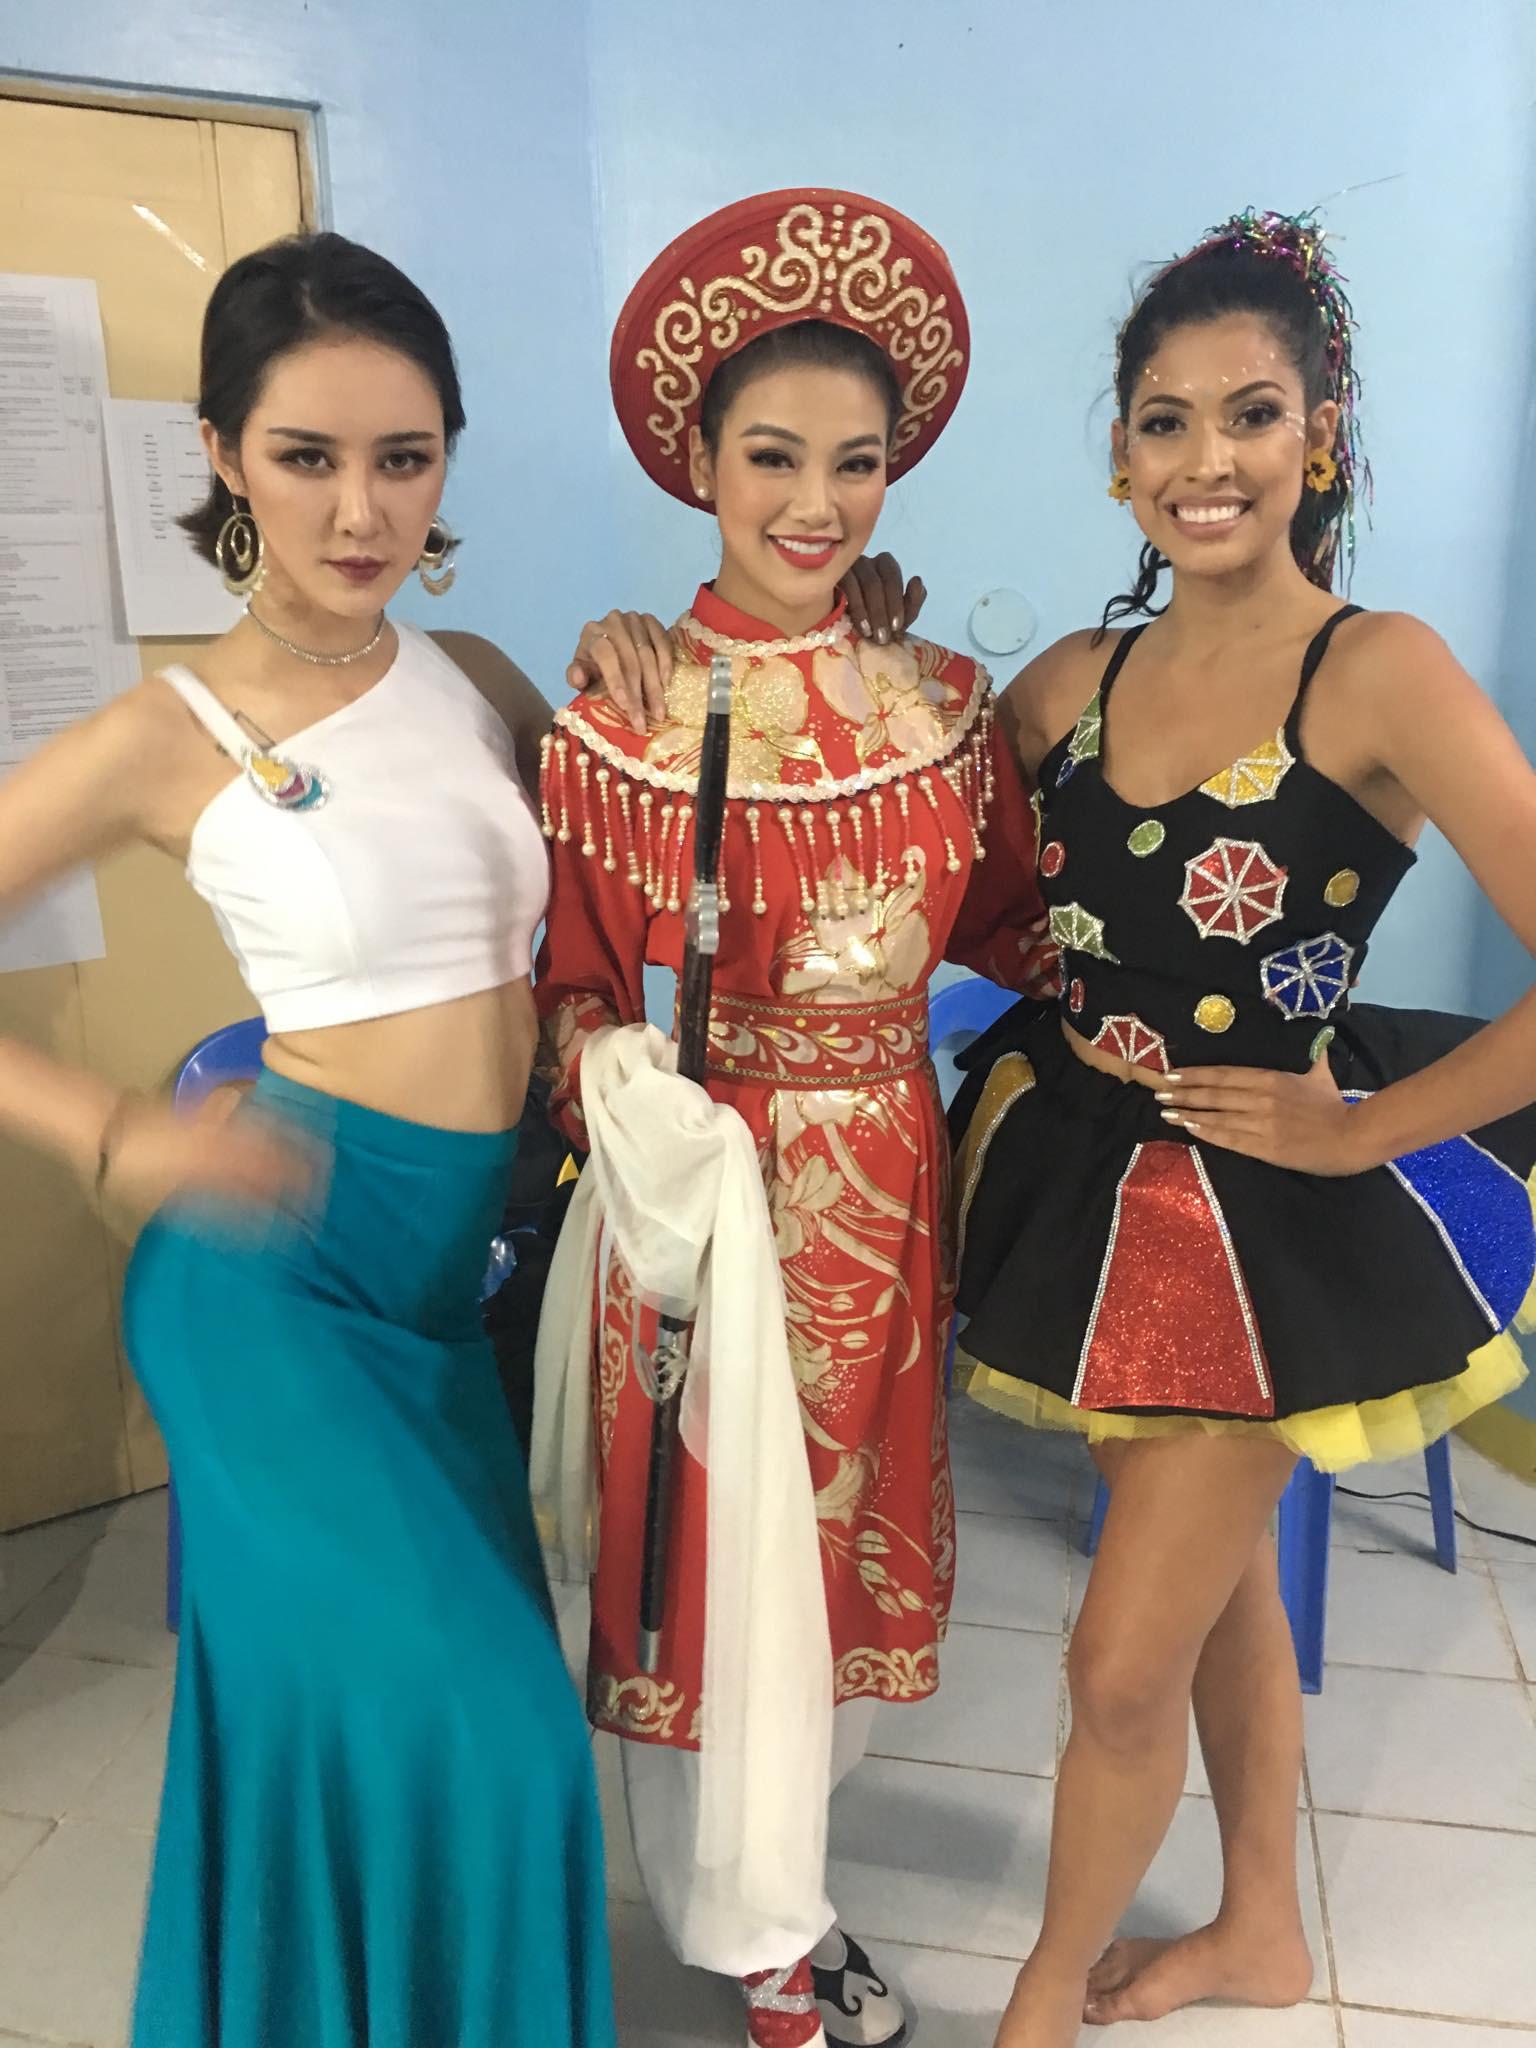 Chỉ trong một đêm thi, đại diện Việt Nam liên tiếp giành huy chương vàng trang phục dạ hội và 3 giải phụ tại Miss Earth 2018 - Ảnh 3.